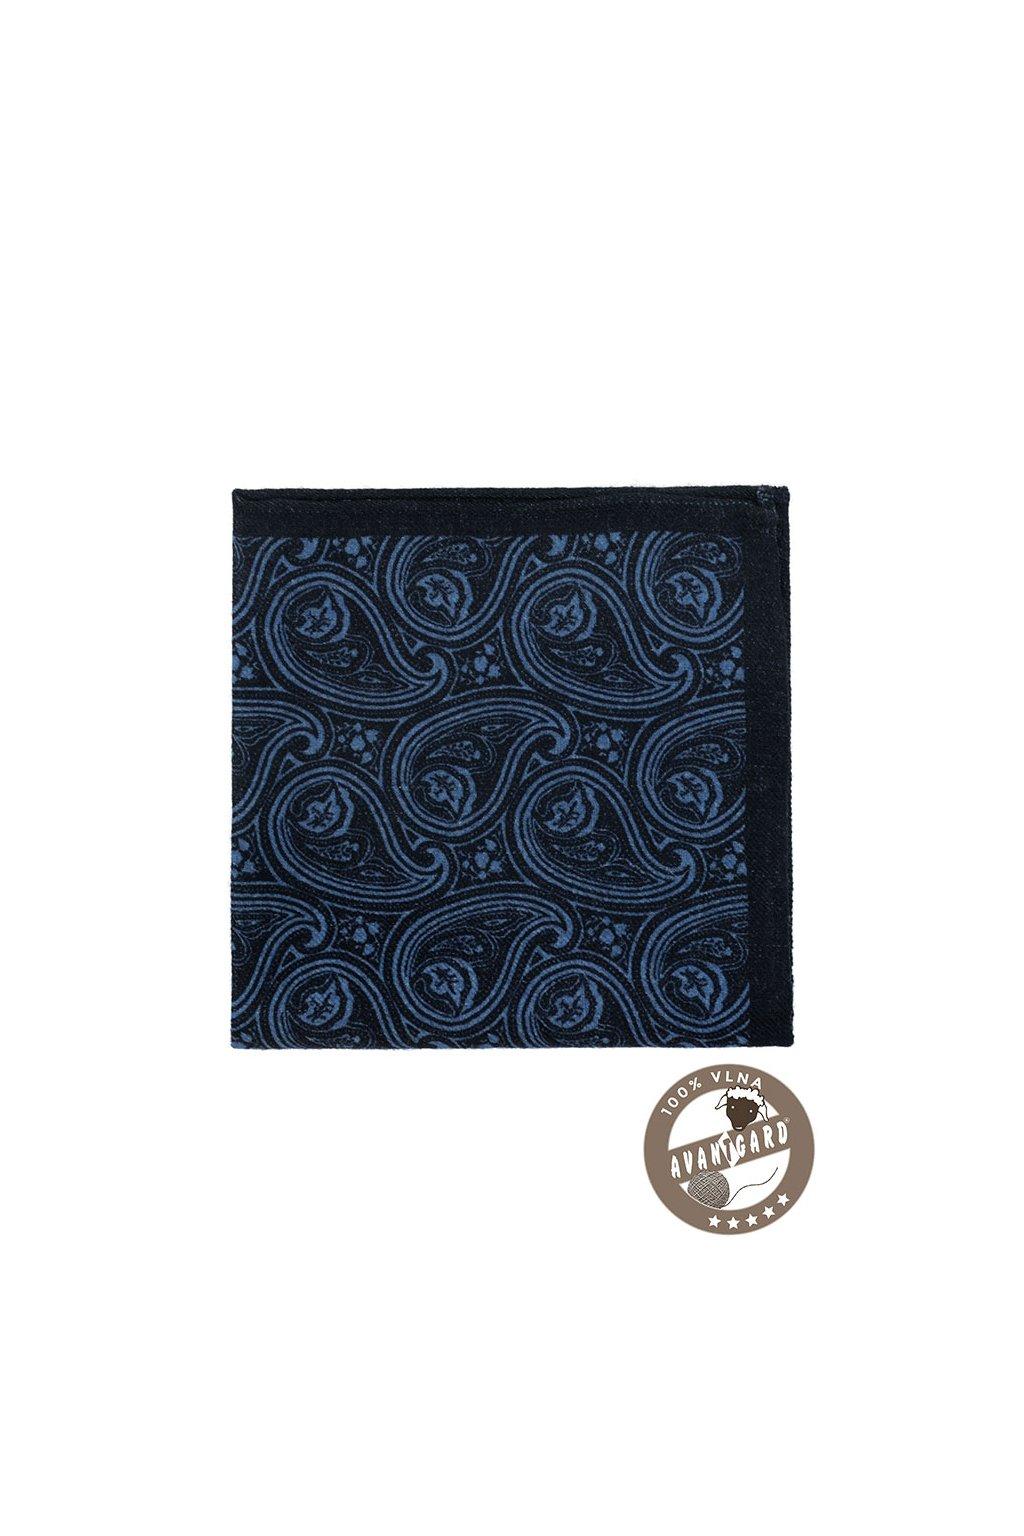 Kapesníček do saka vlněný PREMIUM, 610-5694, Modrá